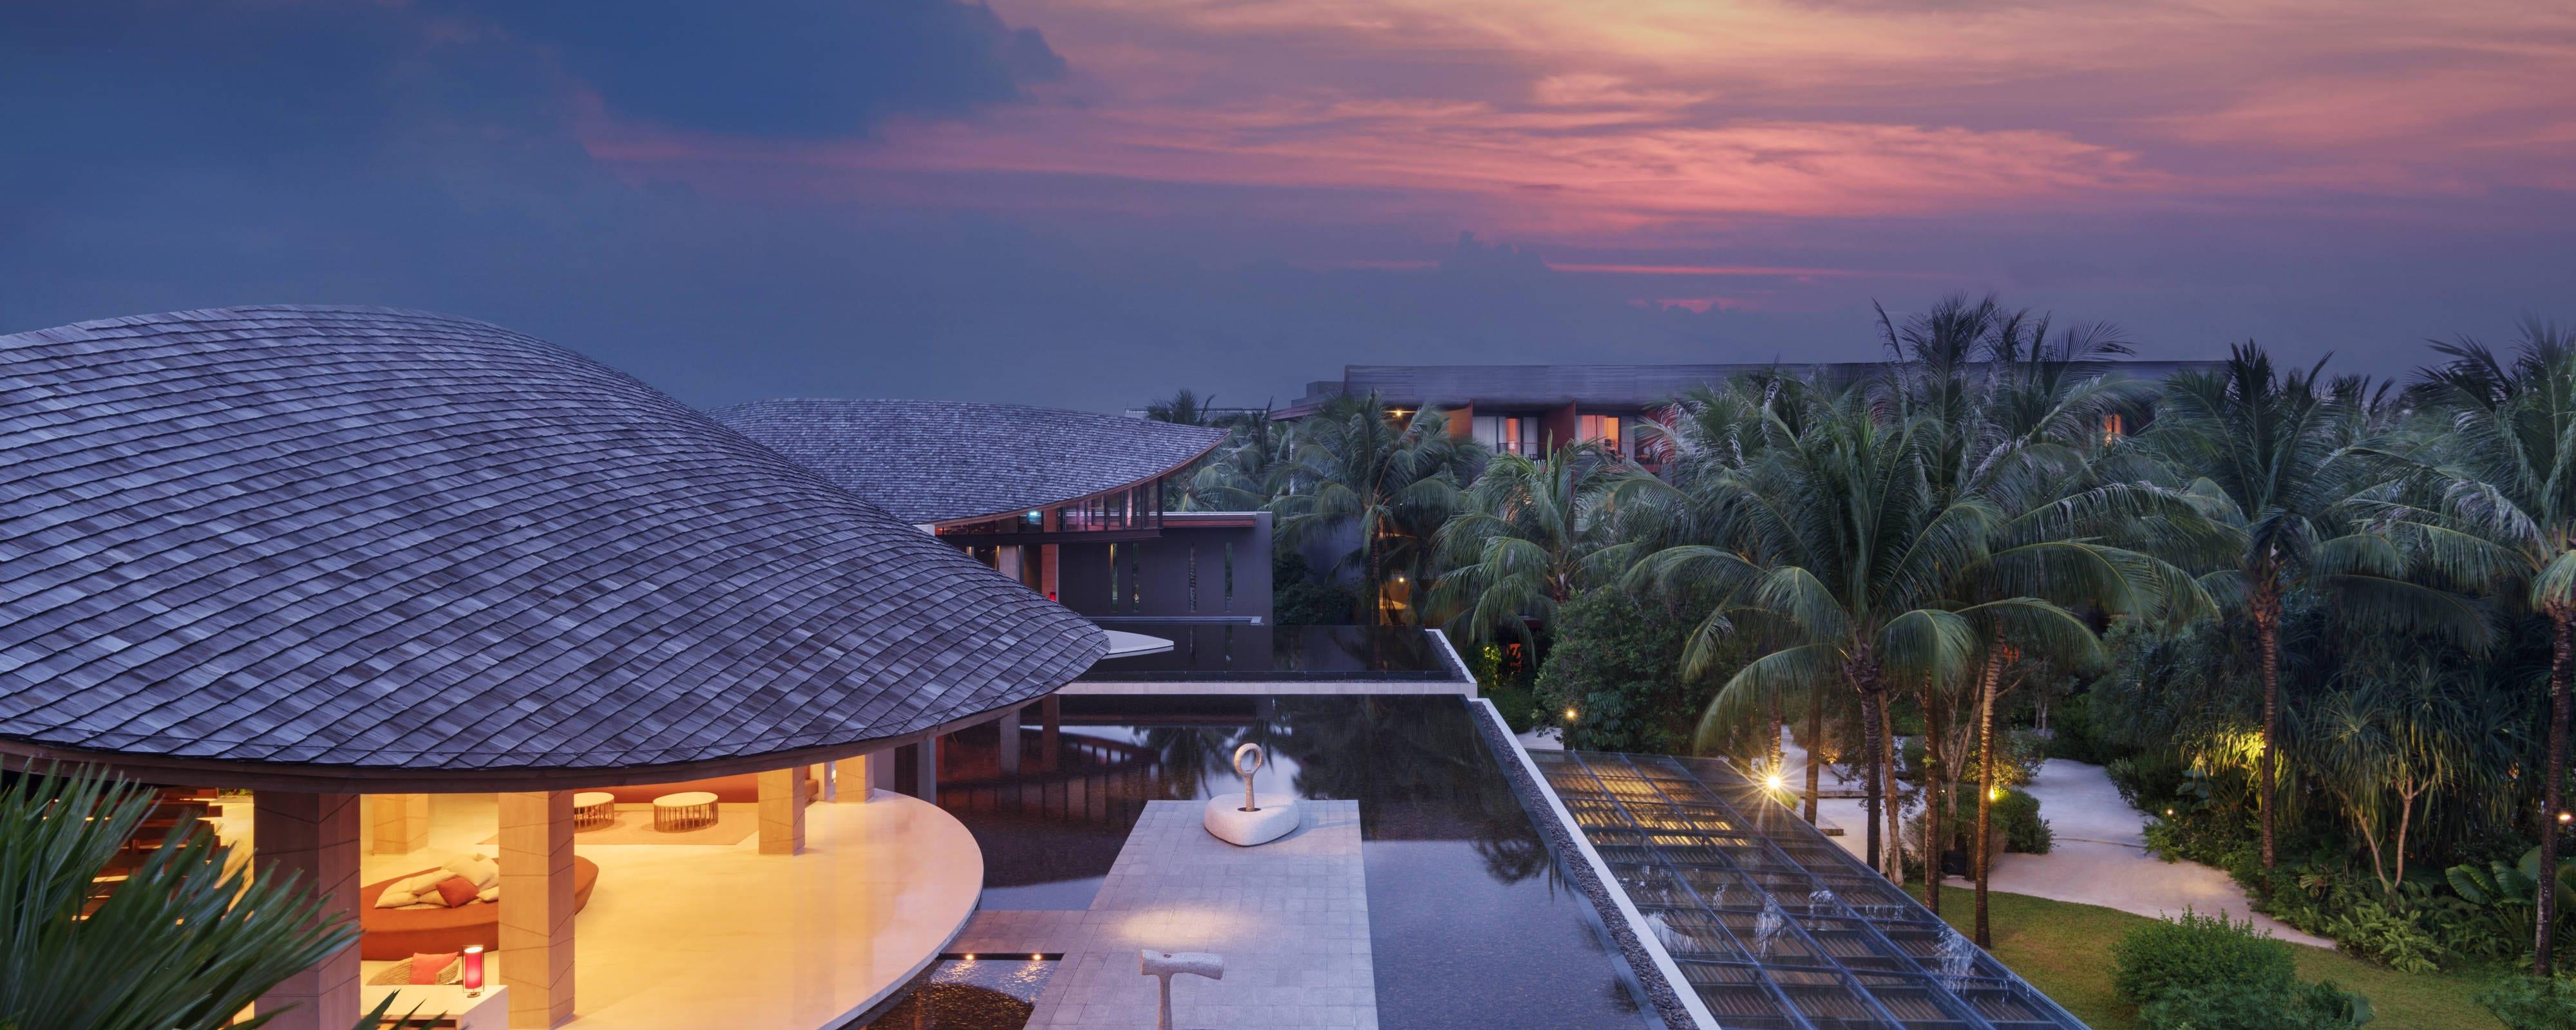 Γκέι dating Phuket